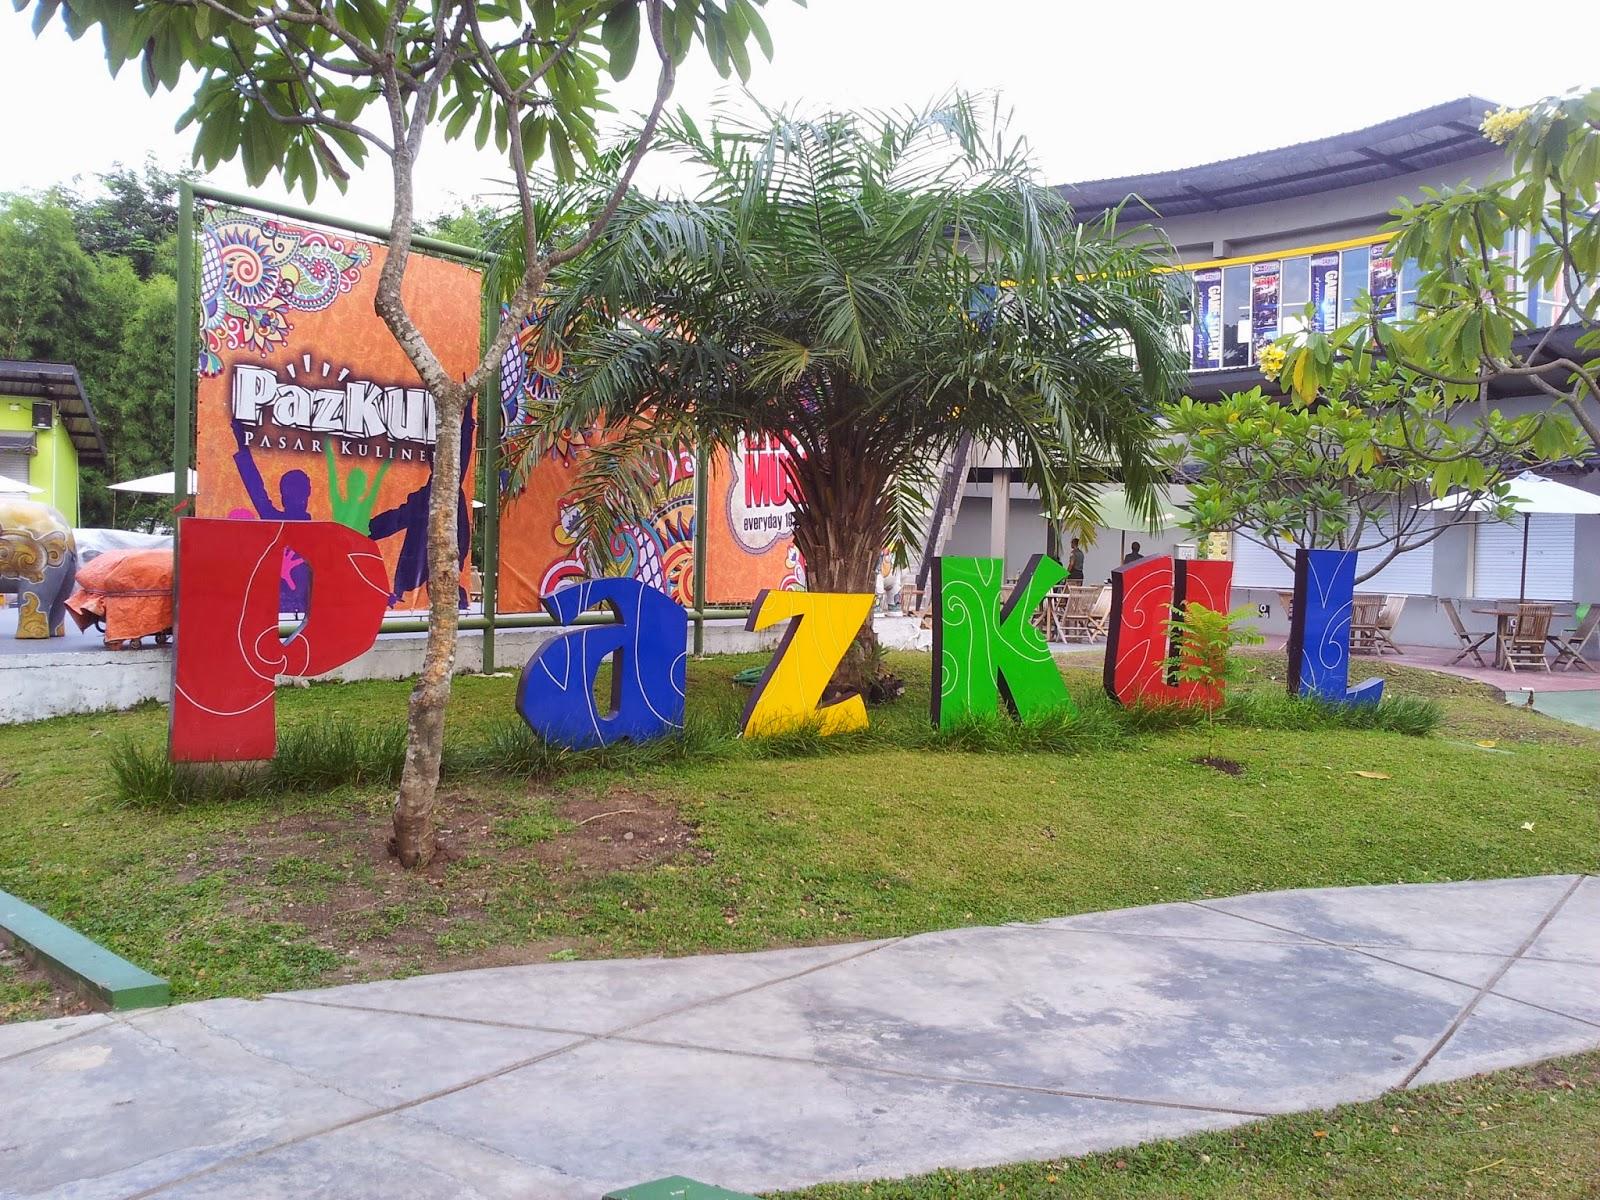 Blog Nunu El Fasa Pazkul Pusat Kuliner Kongkow Sidoarjo Kahuripan